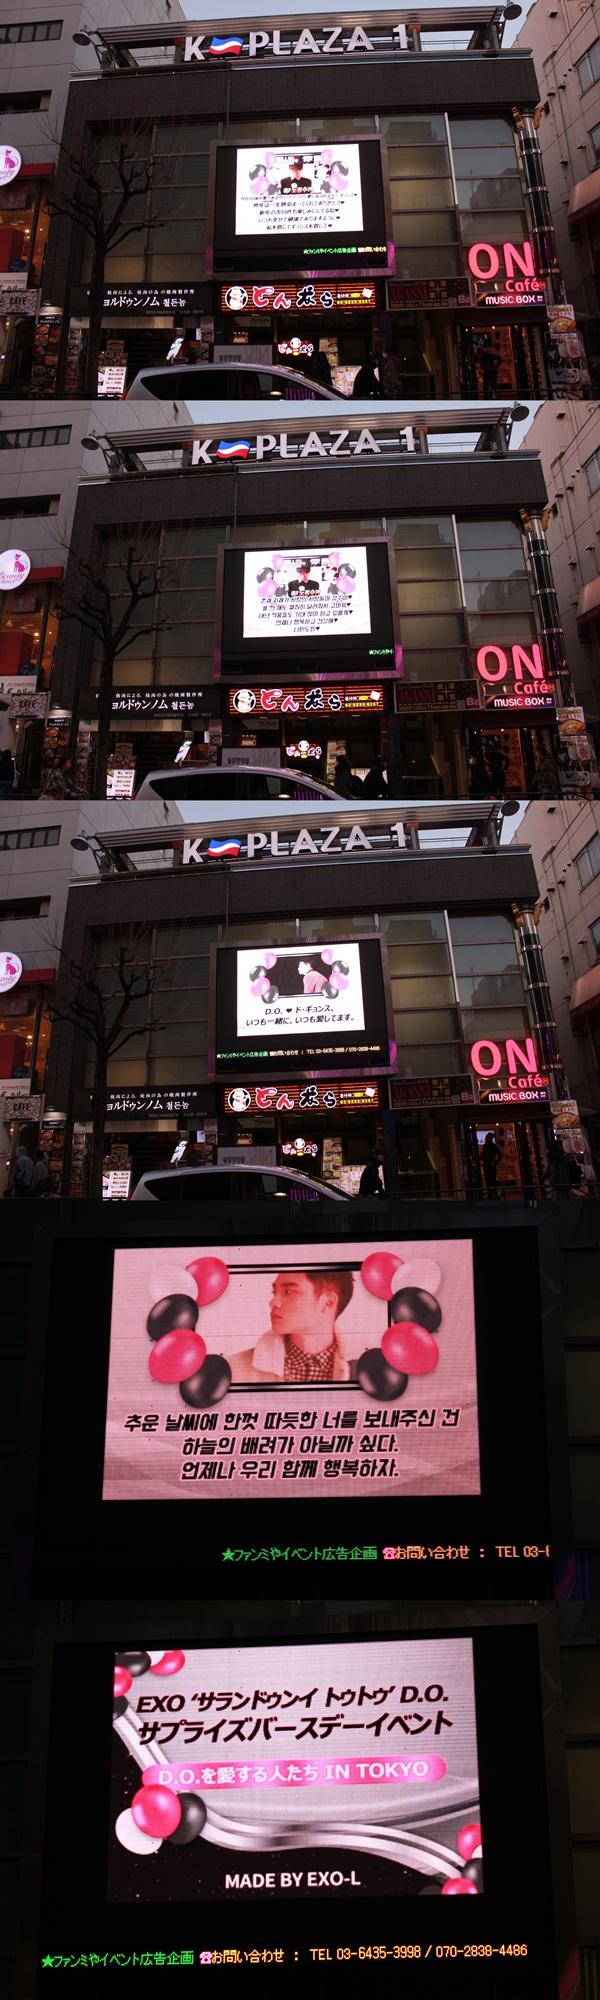 '클릭스타워즈'에서 그룹 엑소 디오의 생일 서포트 전광판 인증 사진을 공개했다.  많은 팬들이 디오의 생일을 축하했다.  /클릭스타워즈 제공